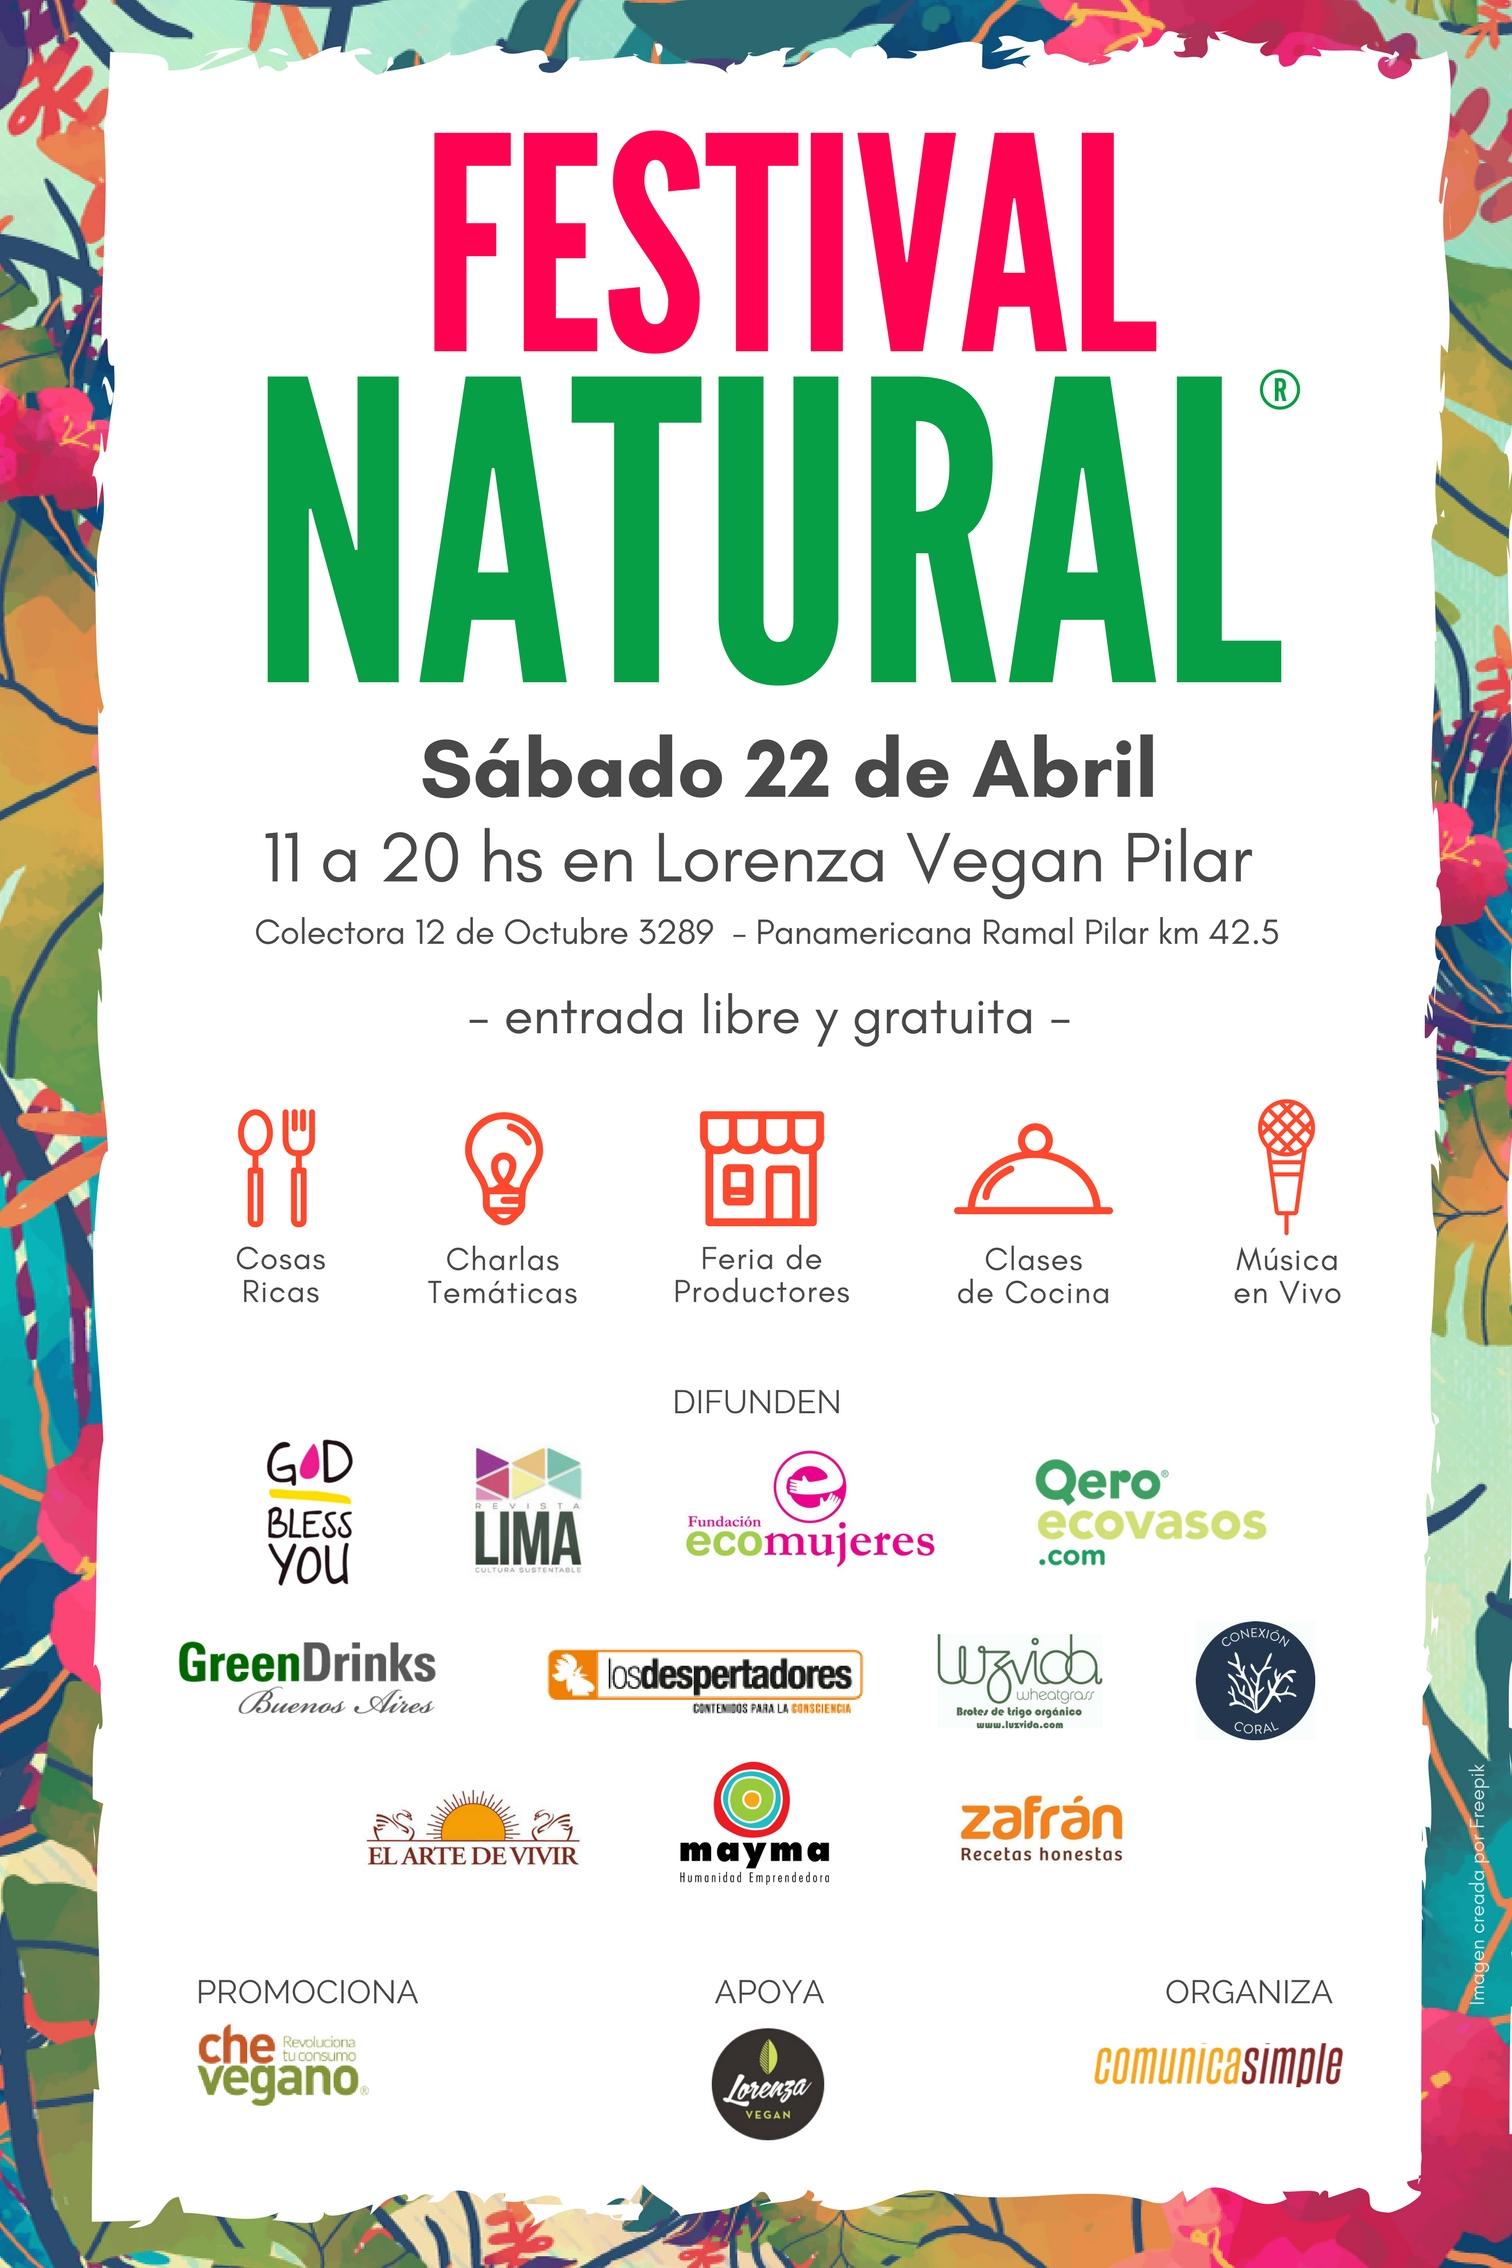 FESTIVAL NATURAL - 22abril en Pilar (Lorenza Vegan) - FLYER alianzas de difusión v2